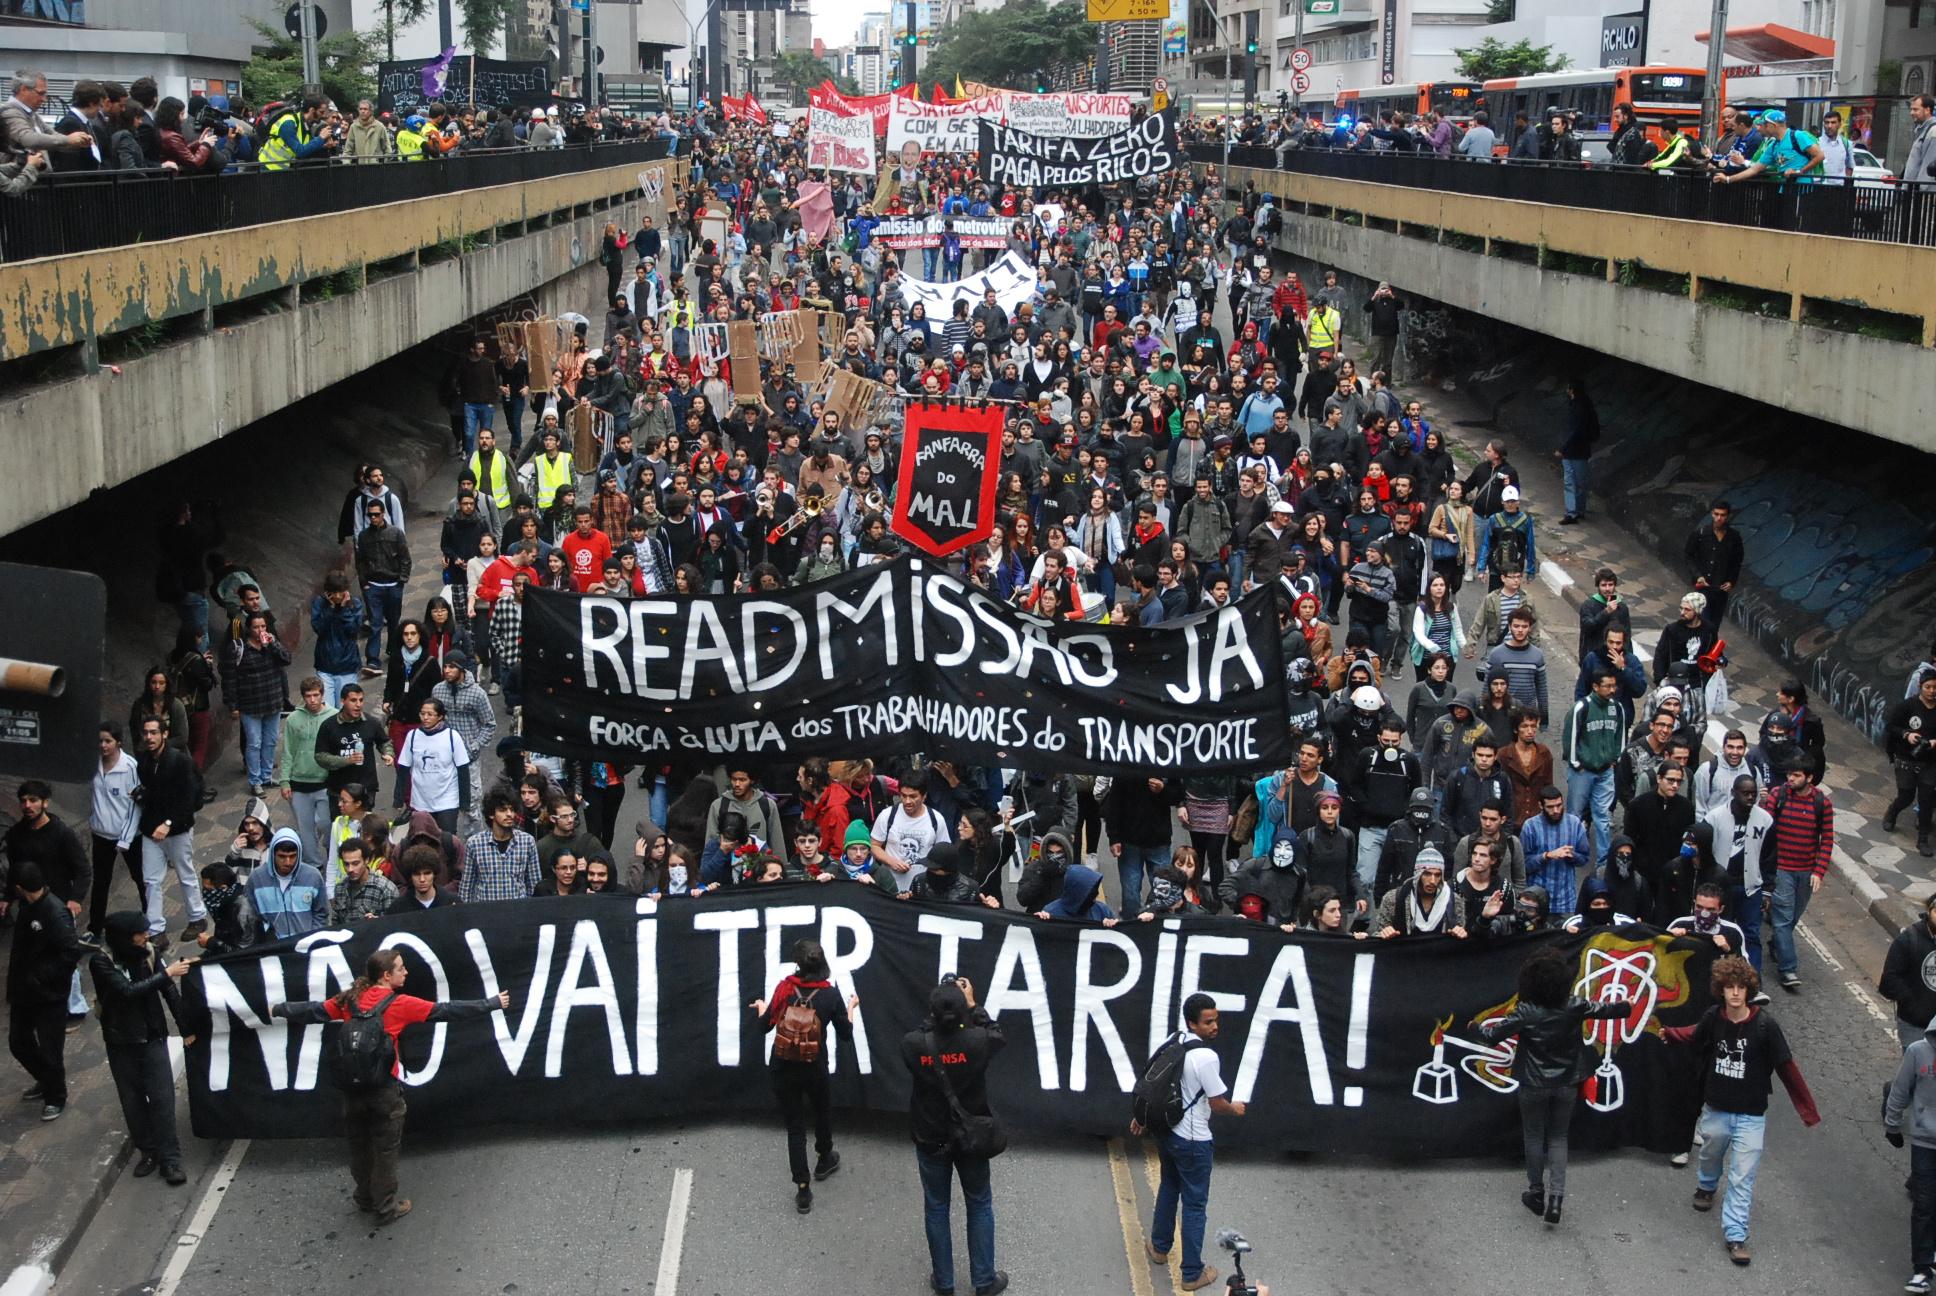 Resultado de imagen para movimento paso livre brasil